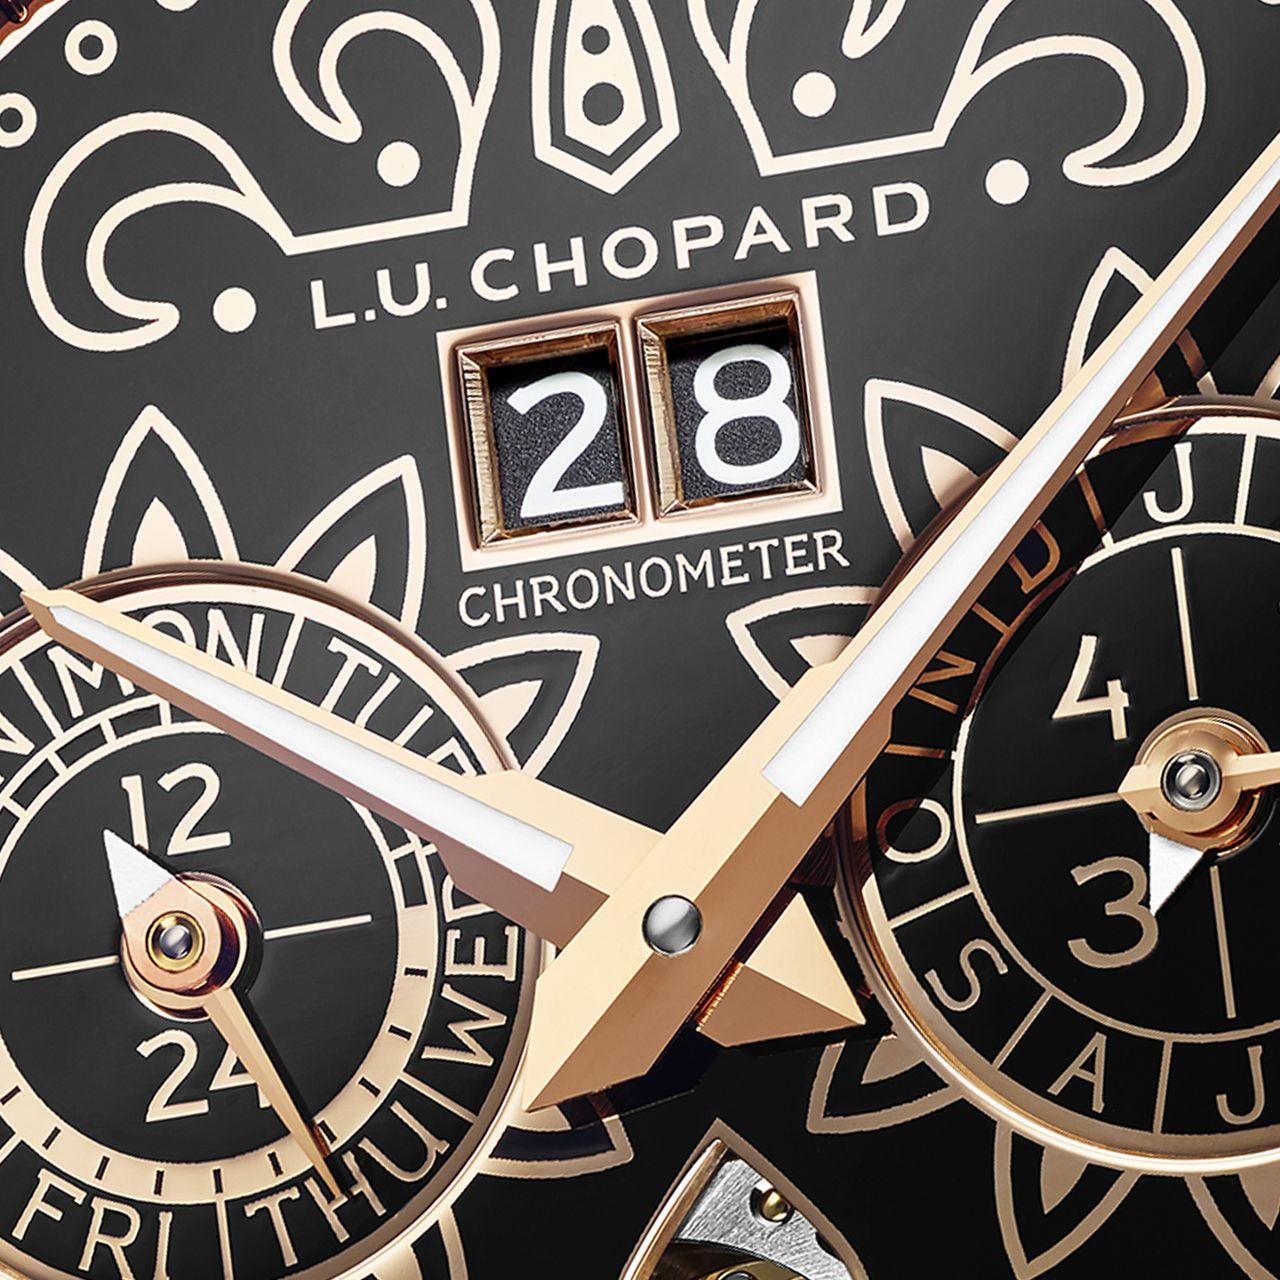 Chopard L.U.C Perpetual T Spirit of la Santa Muerte - a leolvasás könnyedsége most nem volt szempont, de így elég elfogadható